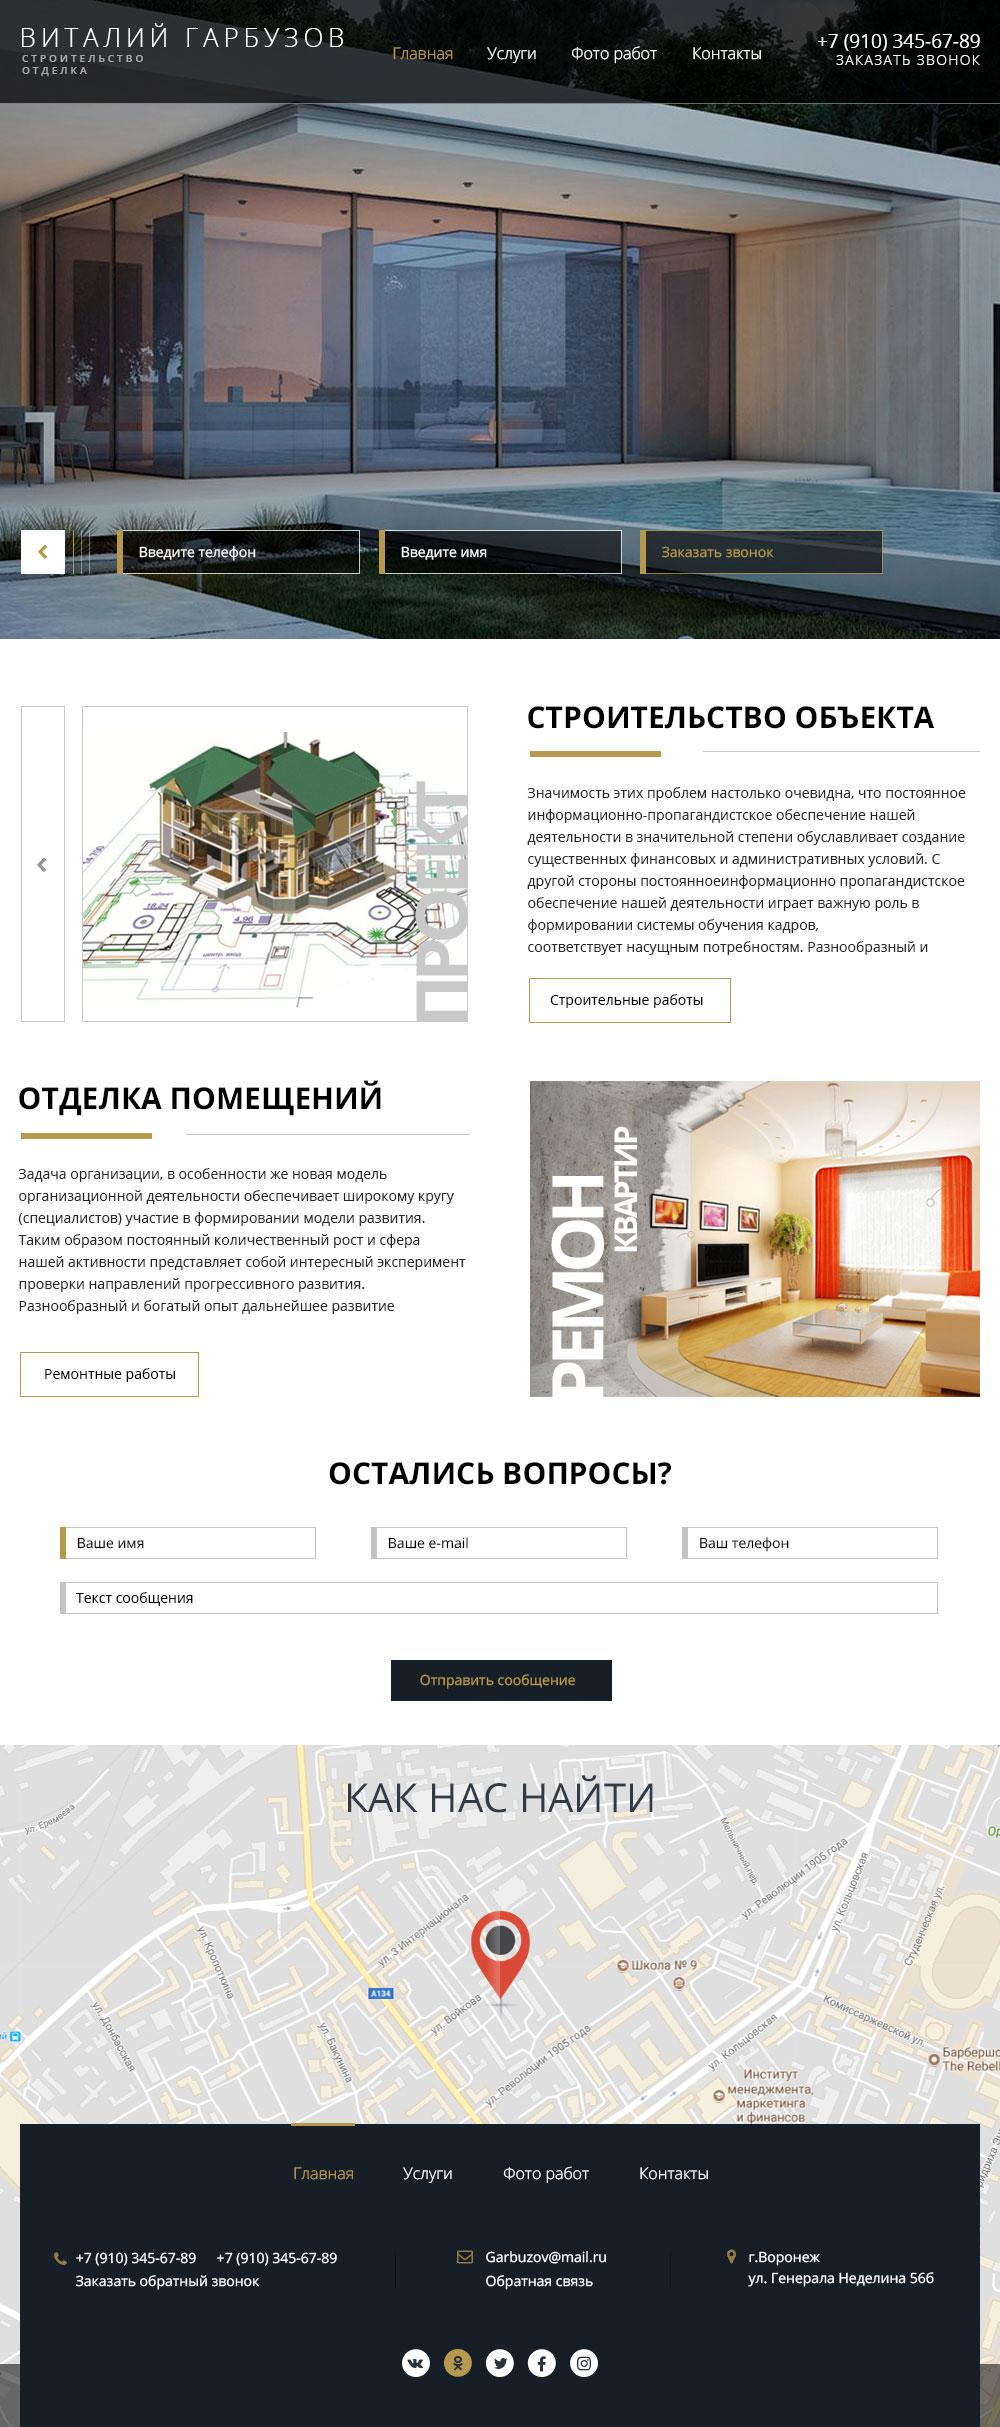 Виталий Гарбузов 1000 px